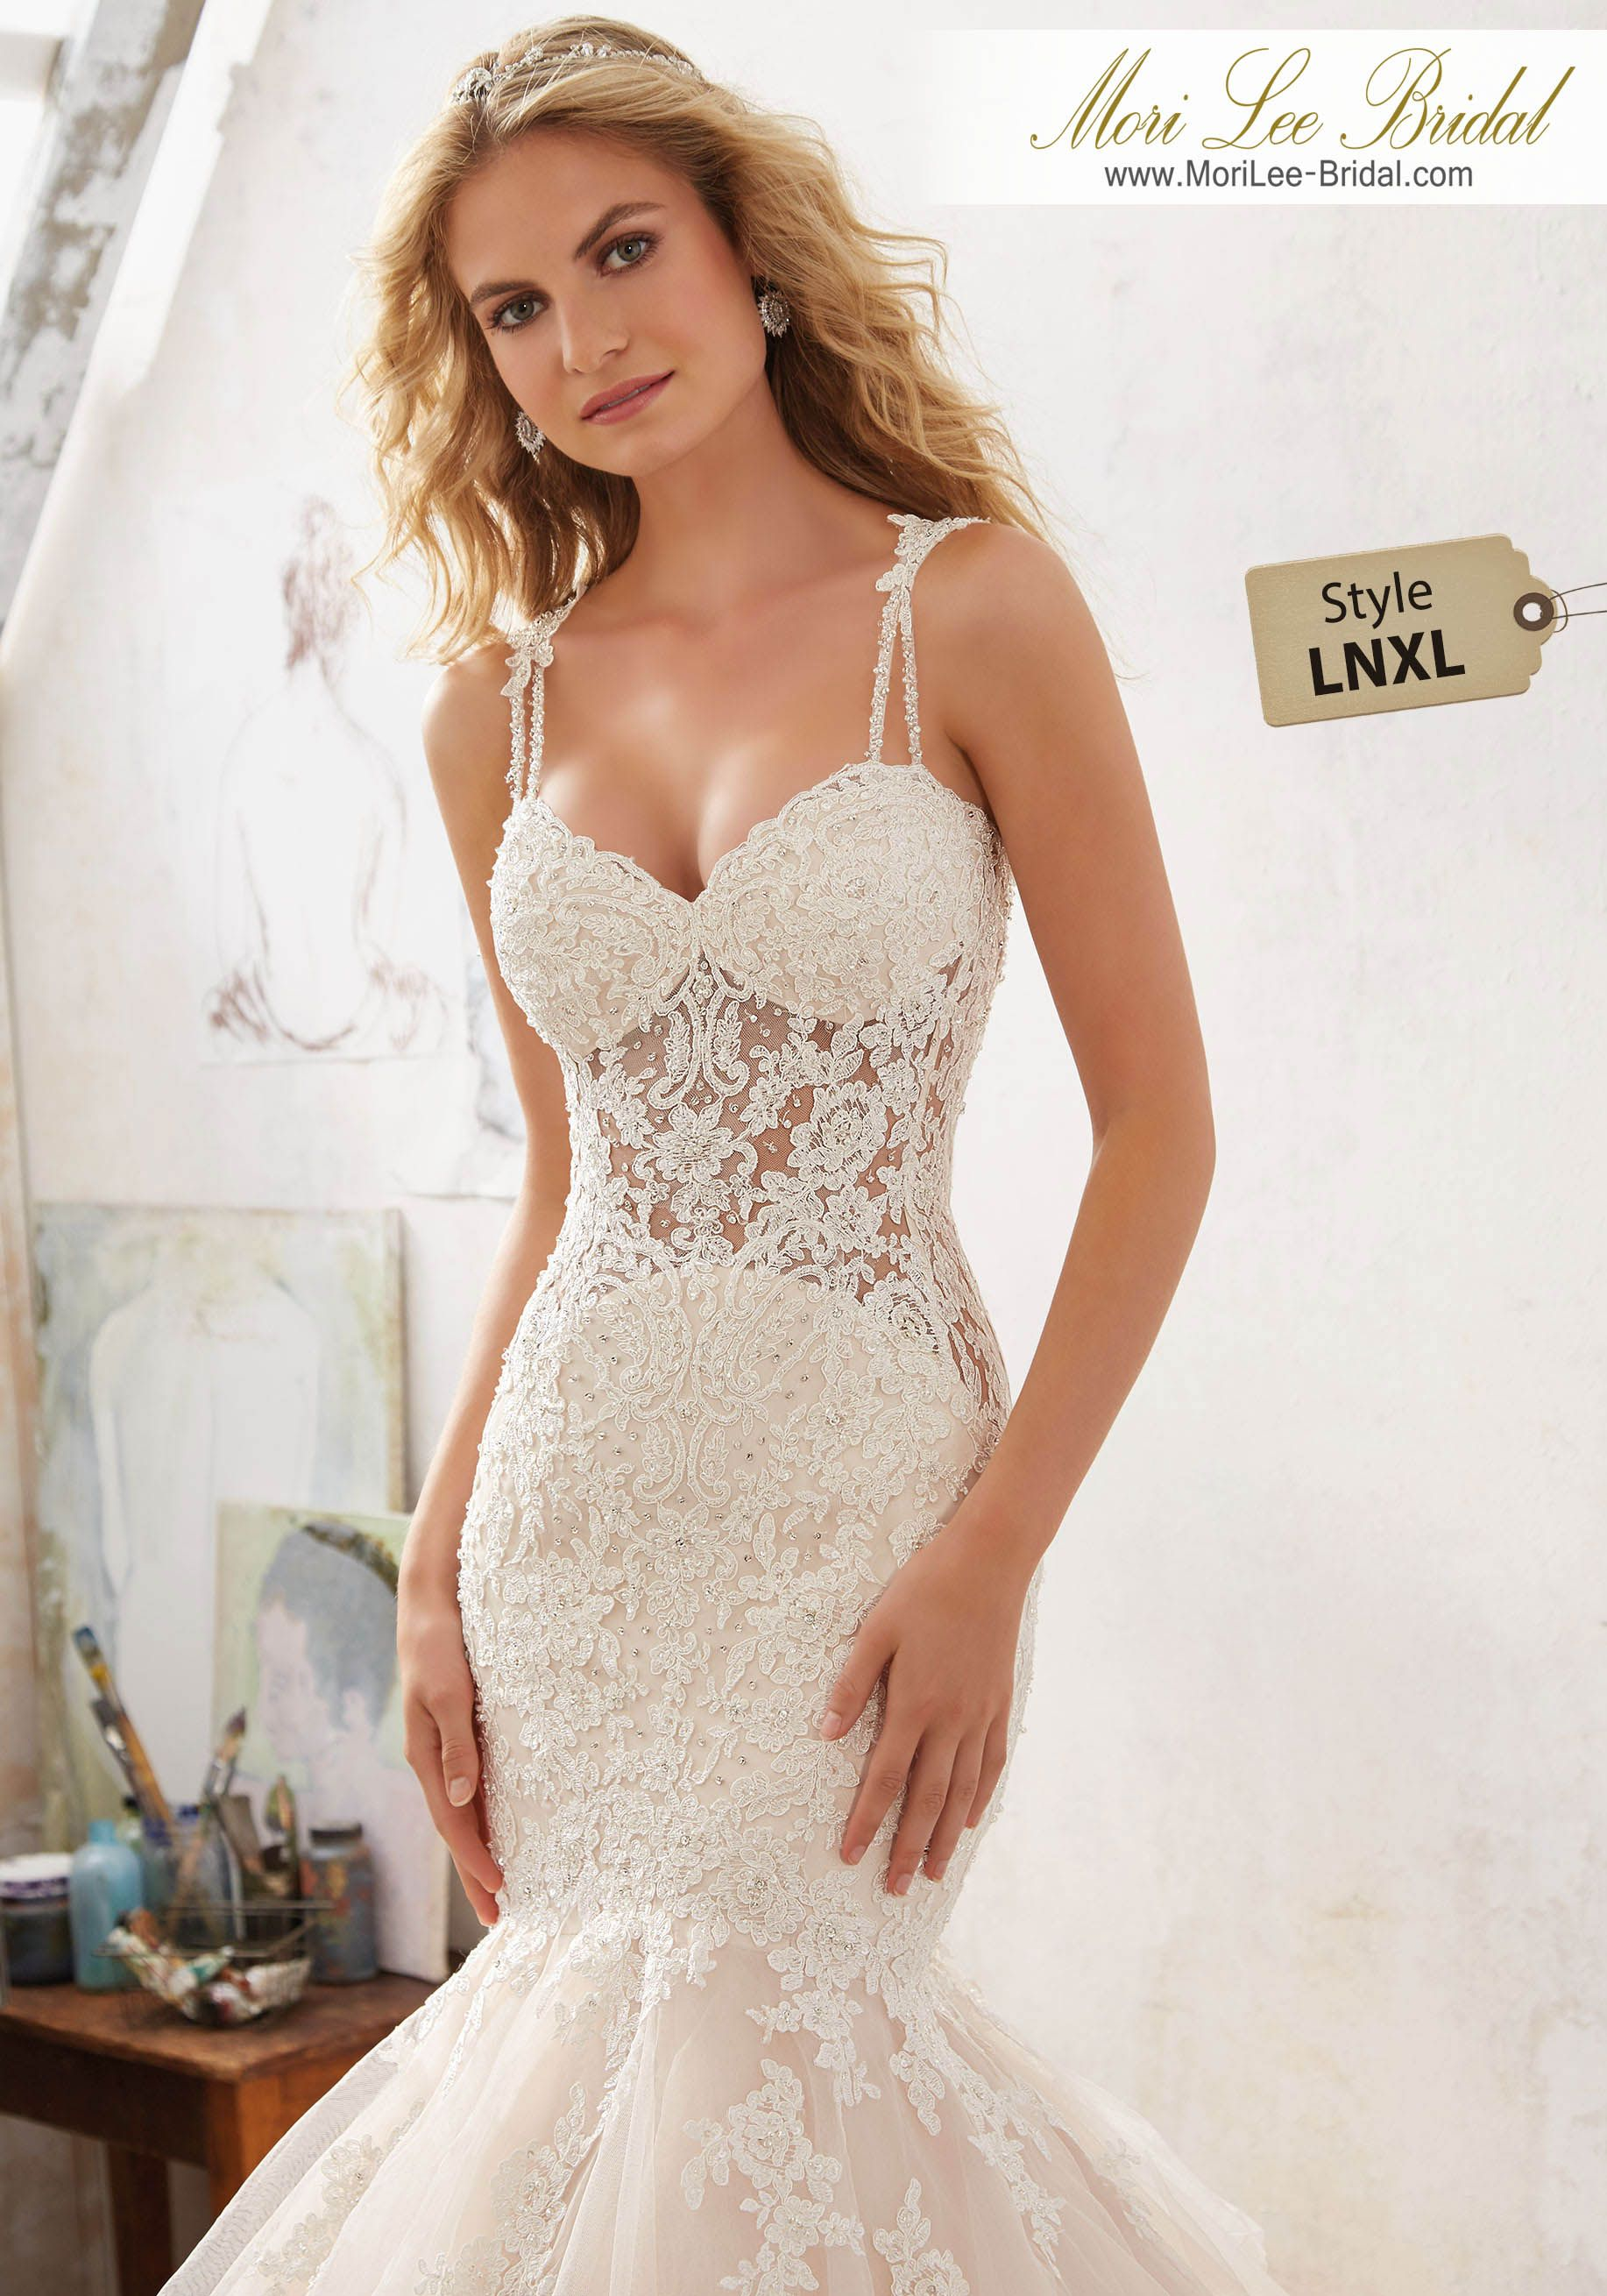 Dress style lnxl diamanté beaded alençon lace appliqués adorn the